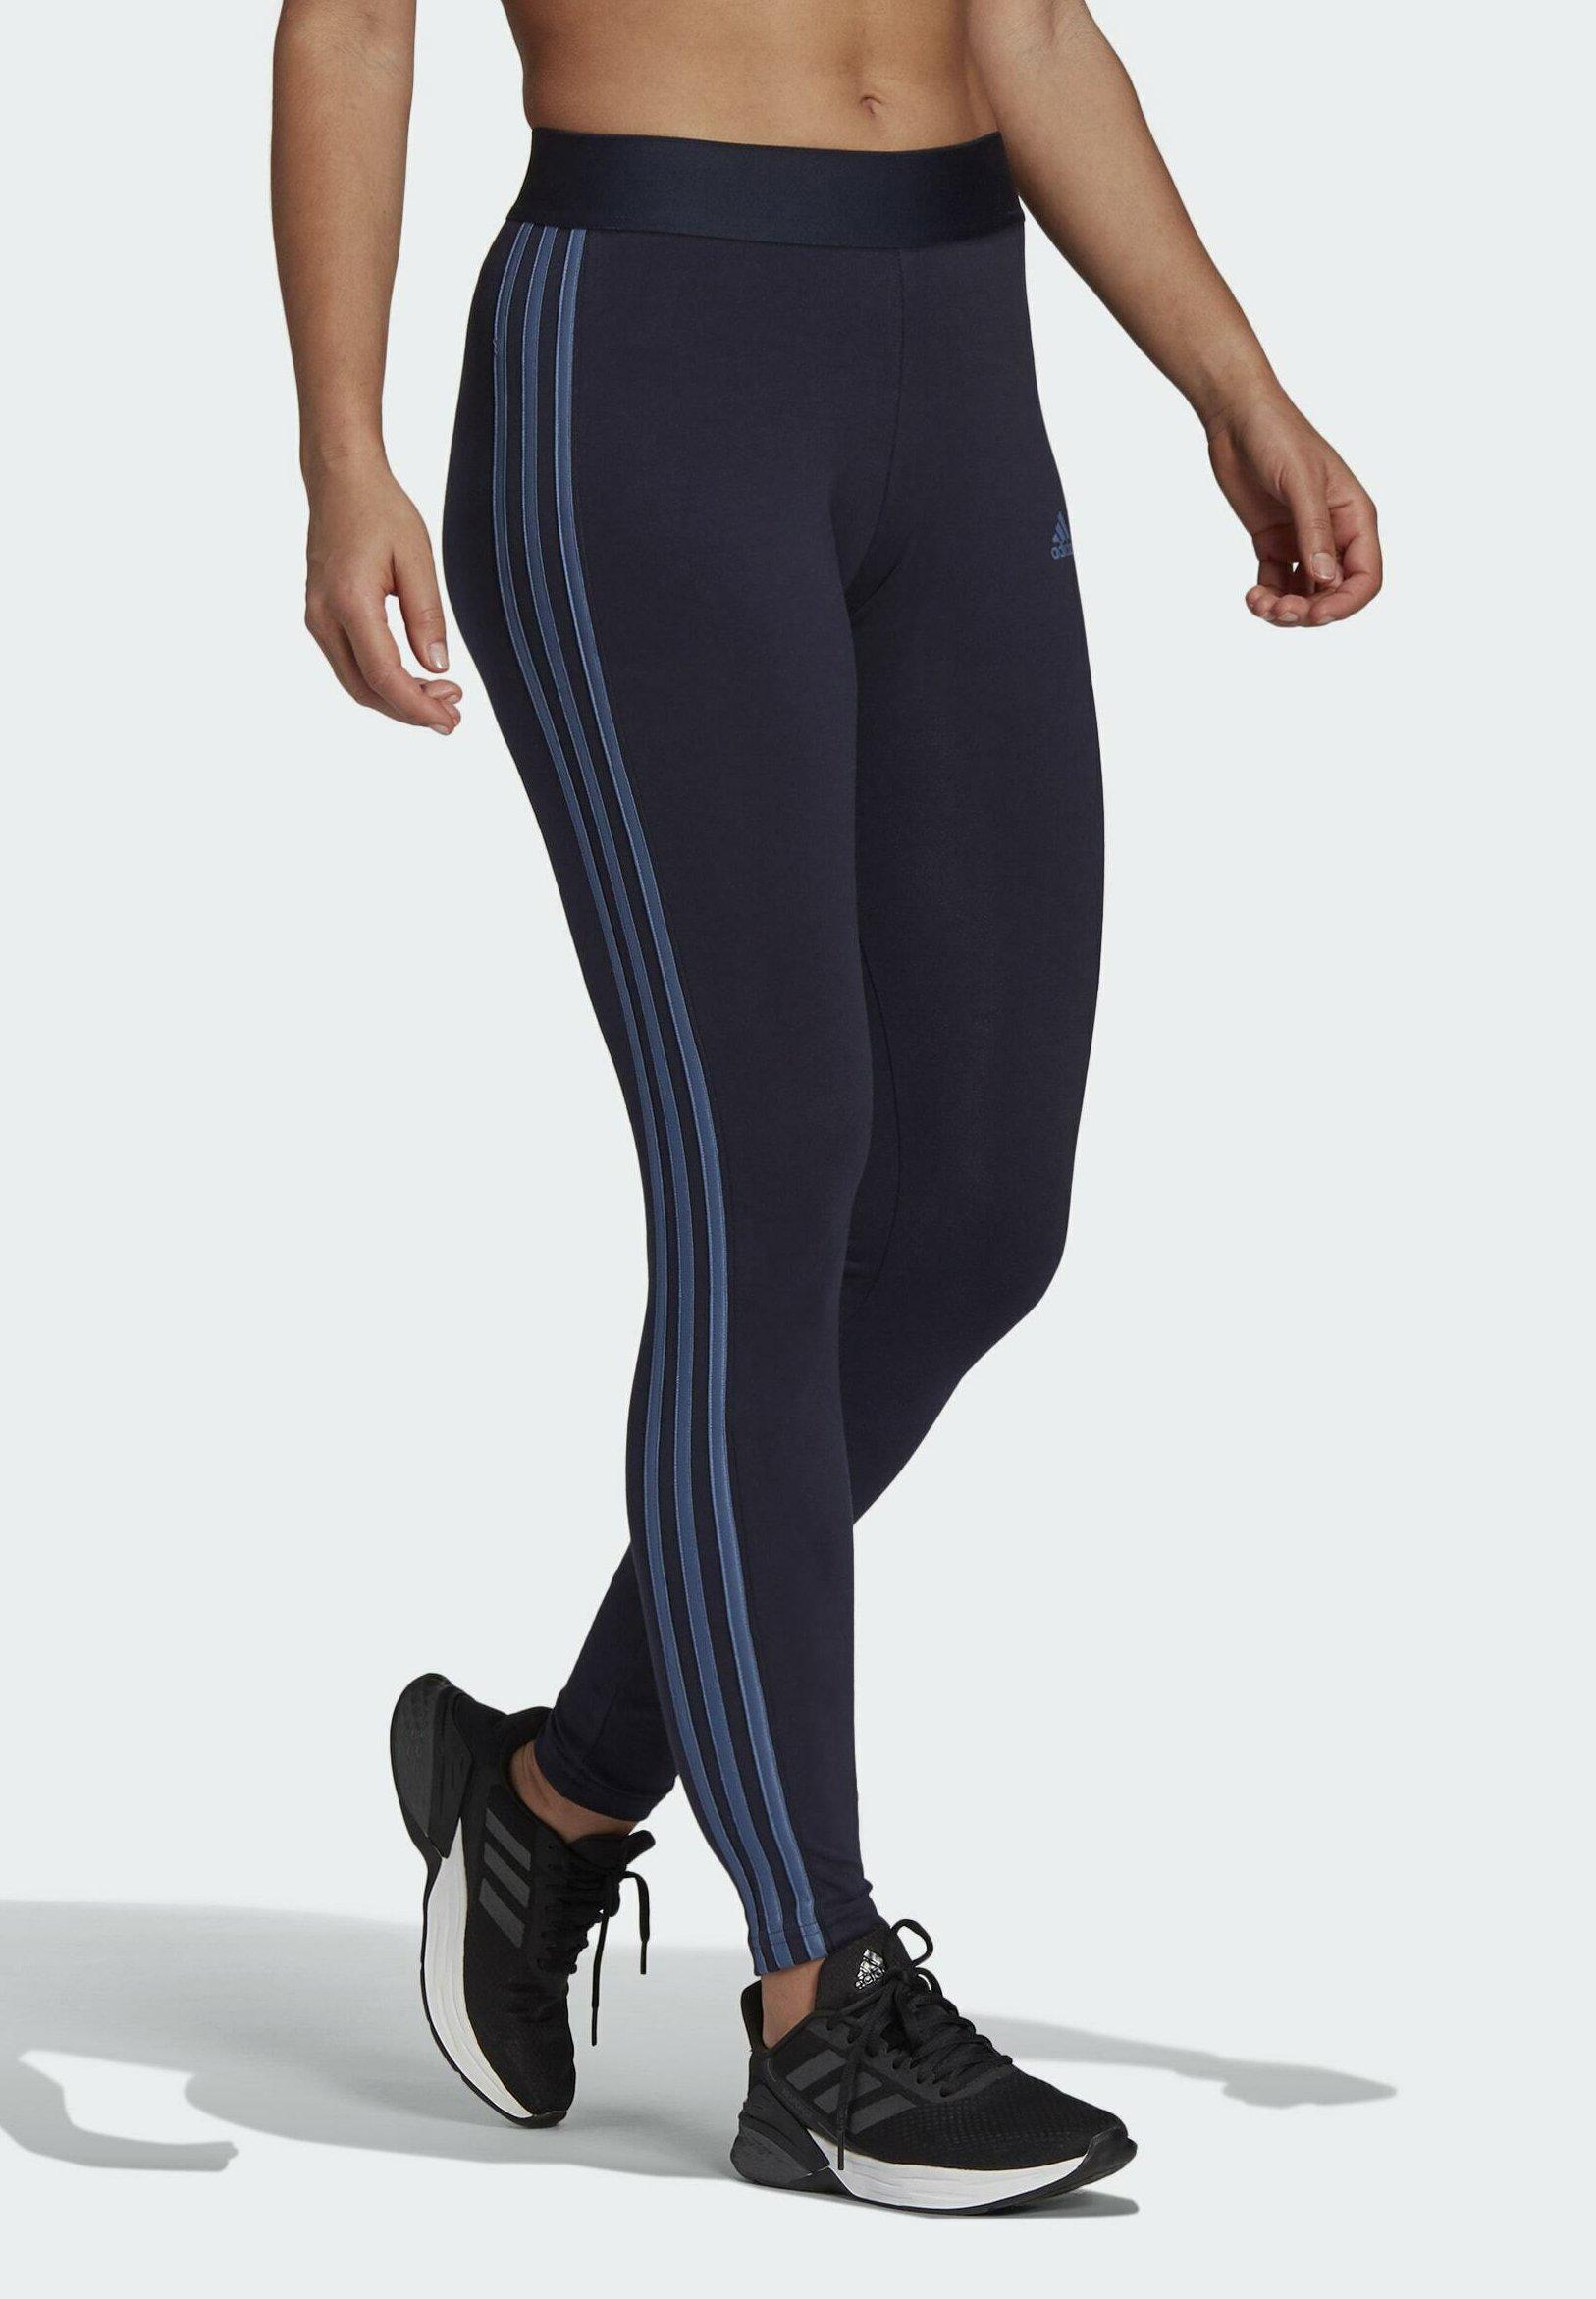 Donna ESSENTIALS 3-STRIPES LEGGINGS - Collant